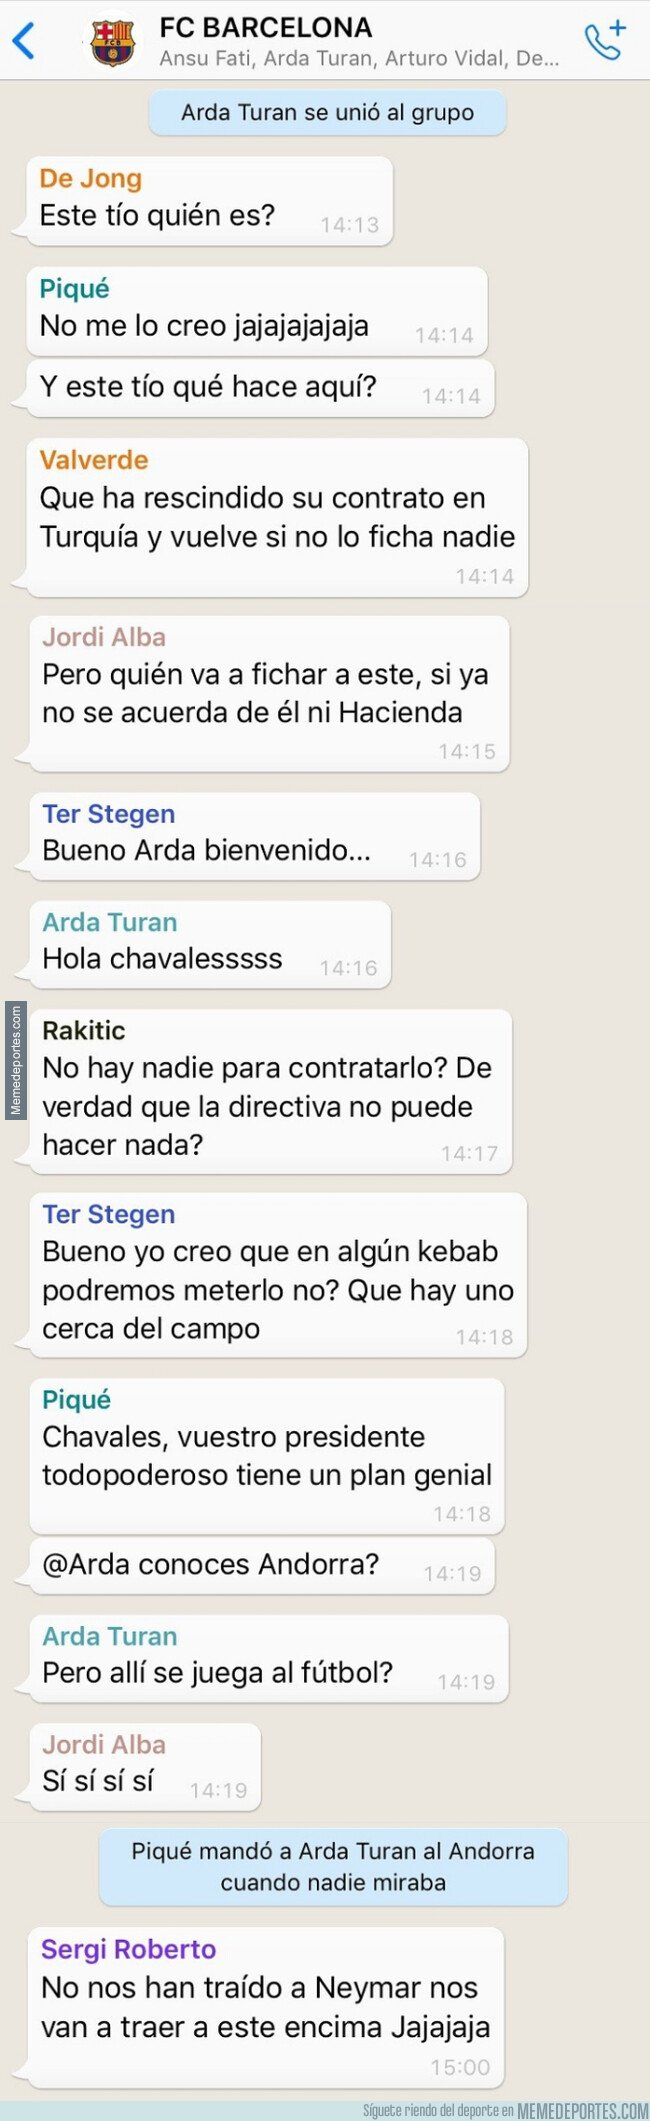 1095256 - El Basaksehir devuelve a Arda y eso había que resolverlo por Whatsapp, por @deportes4parodia